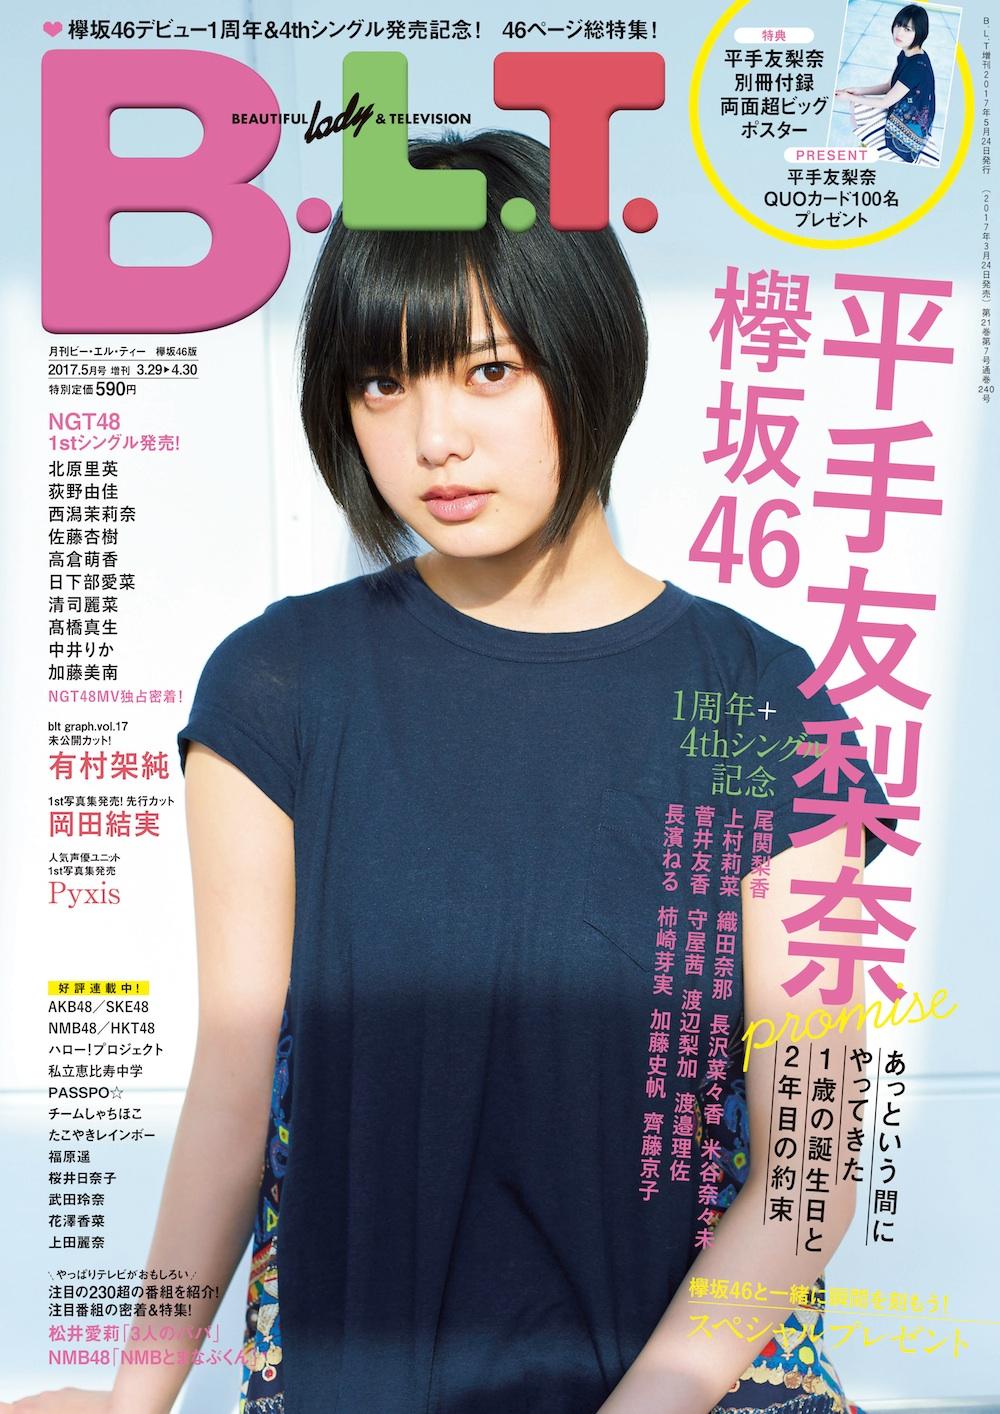 「B.L.T.5月号欅坂46版」